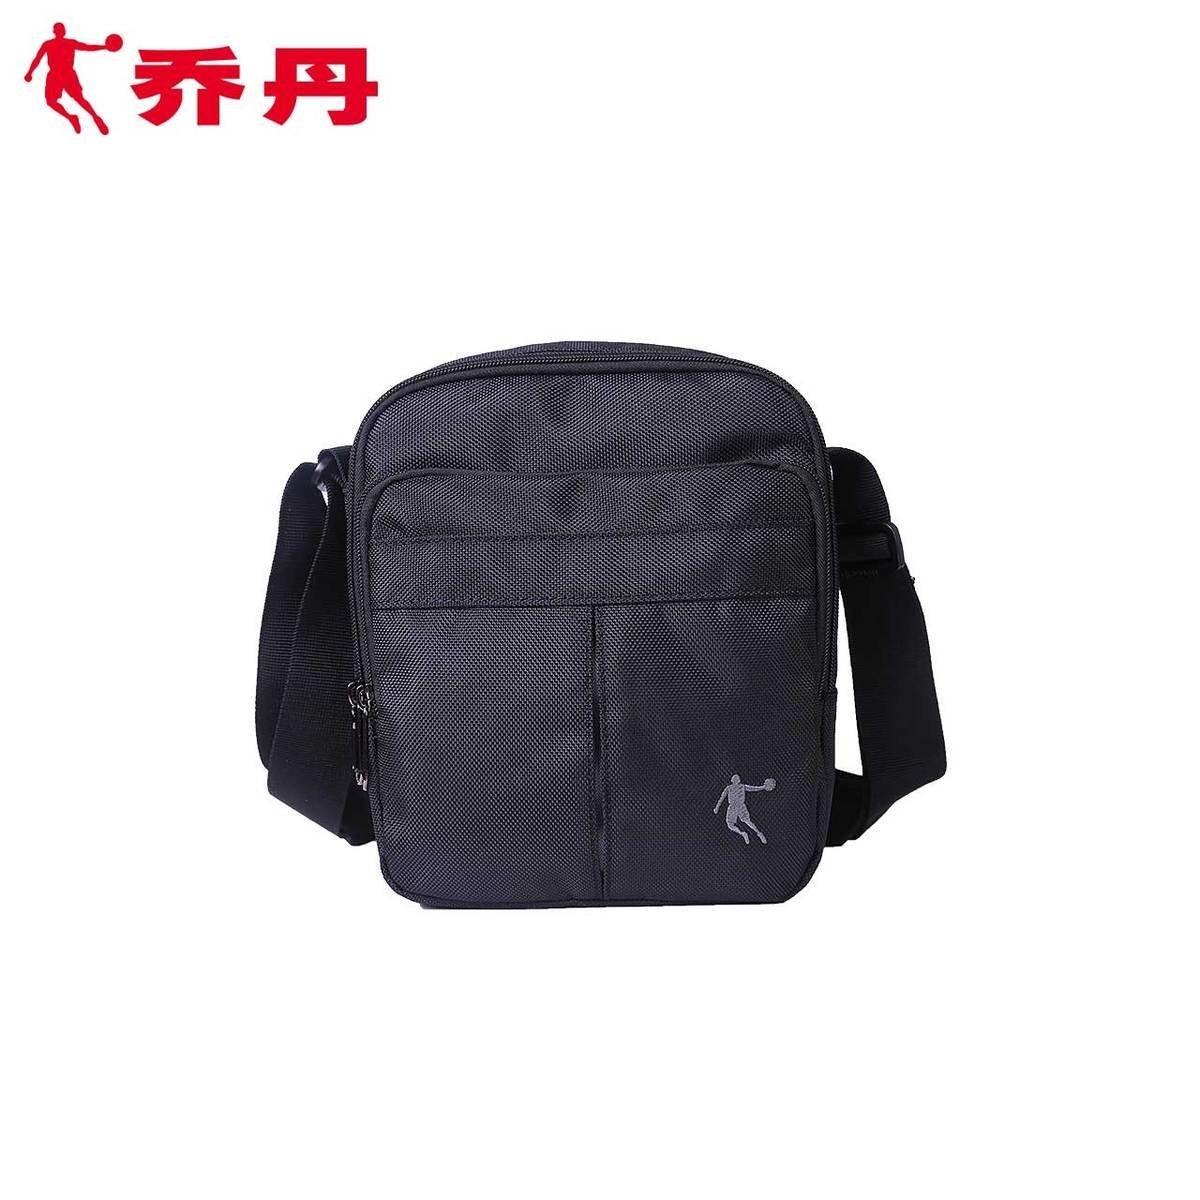 Иордания новый летний подлинный сумку движение пакет подходит для мужчин и женщин мода сумка XUC2450350